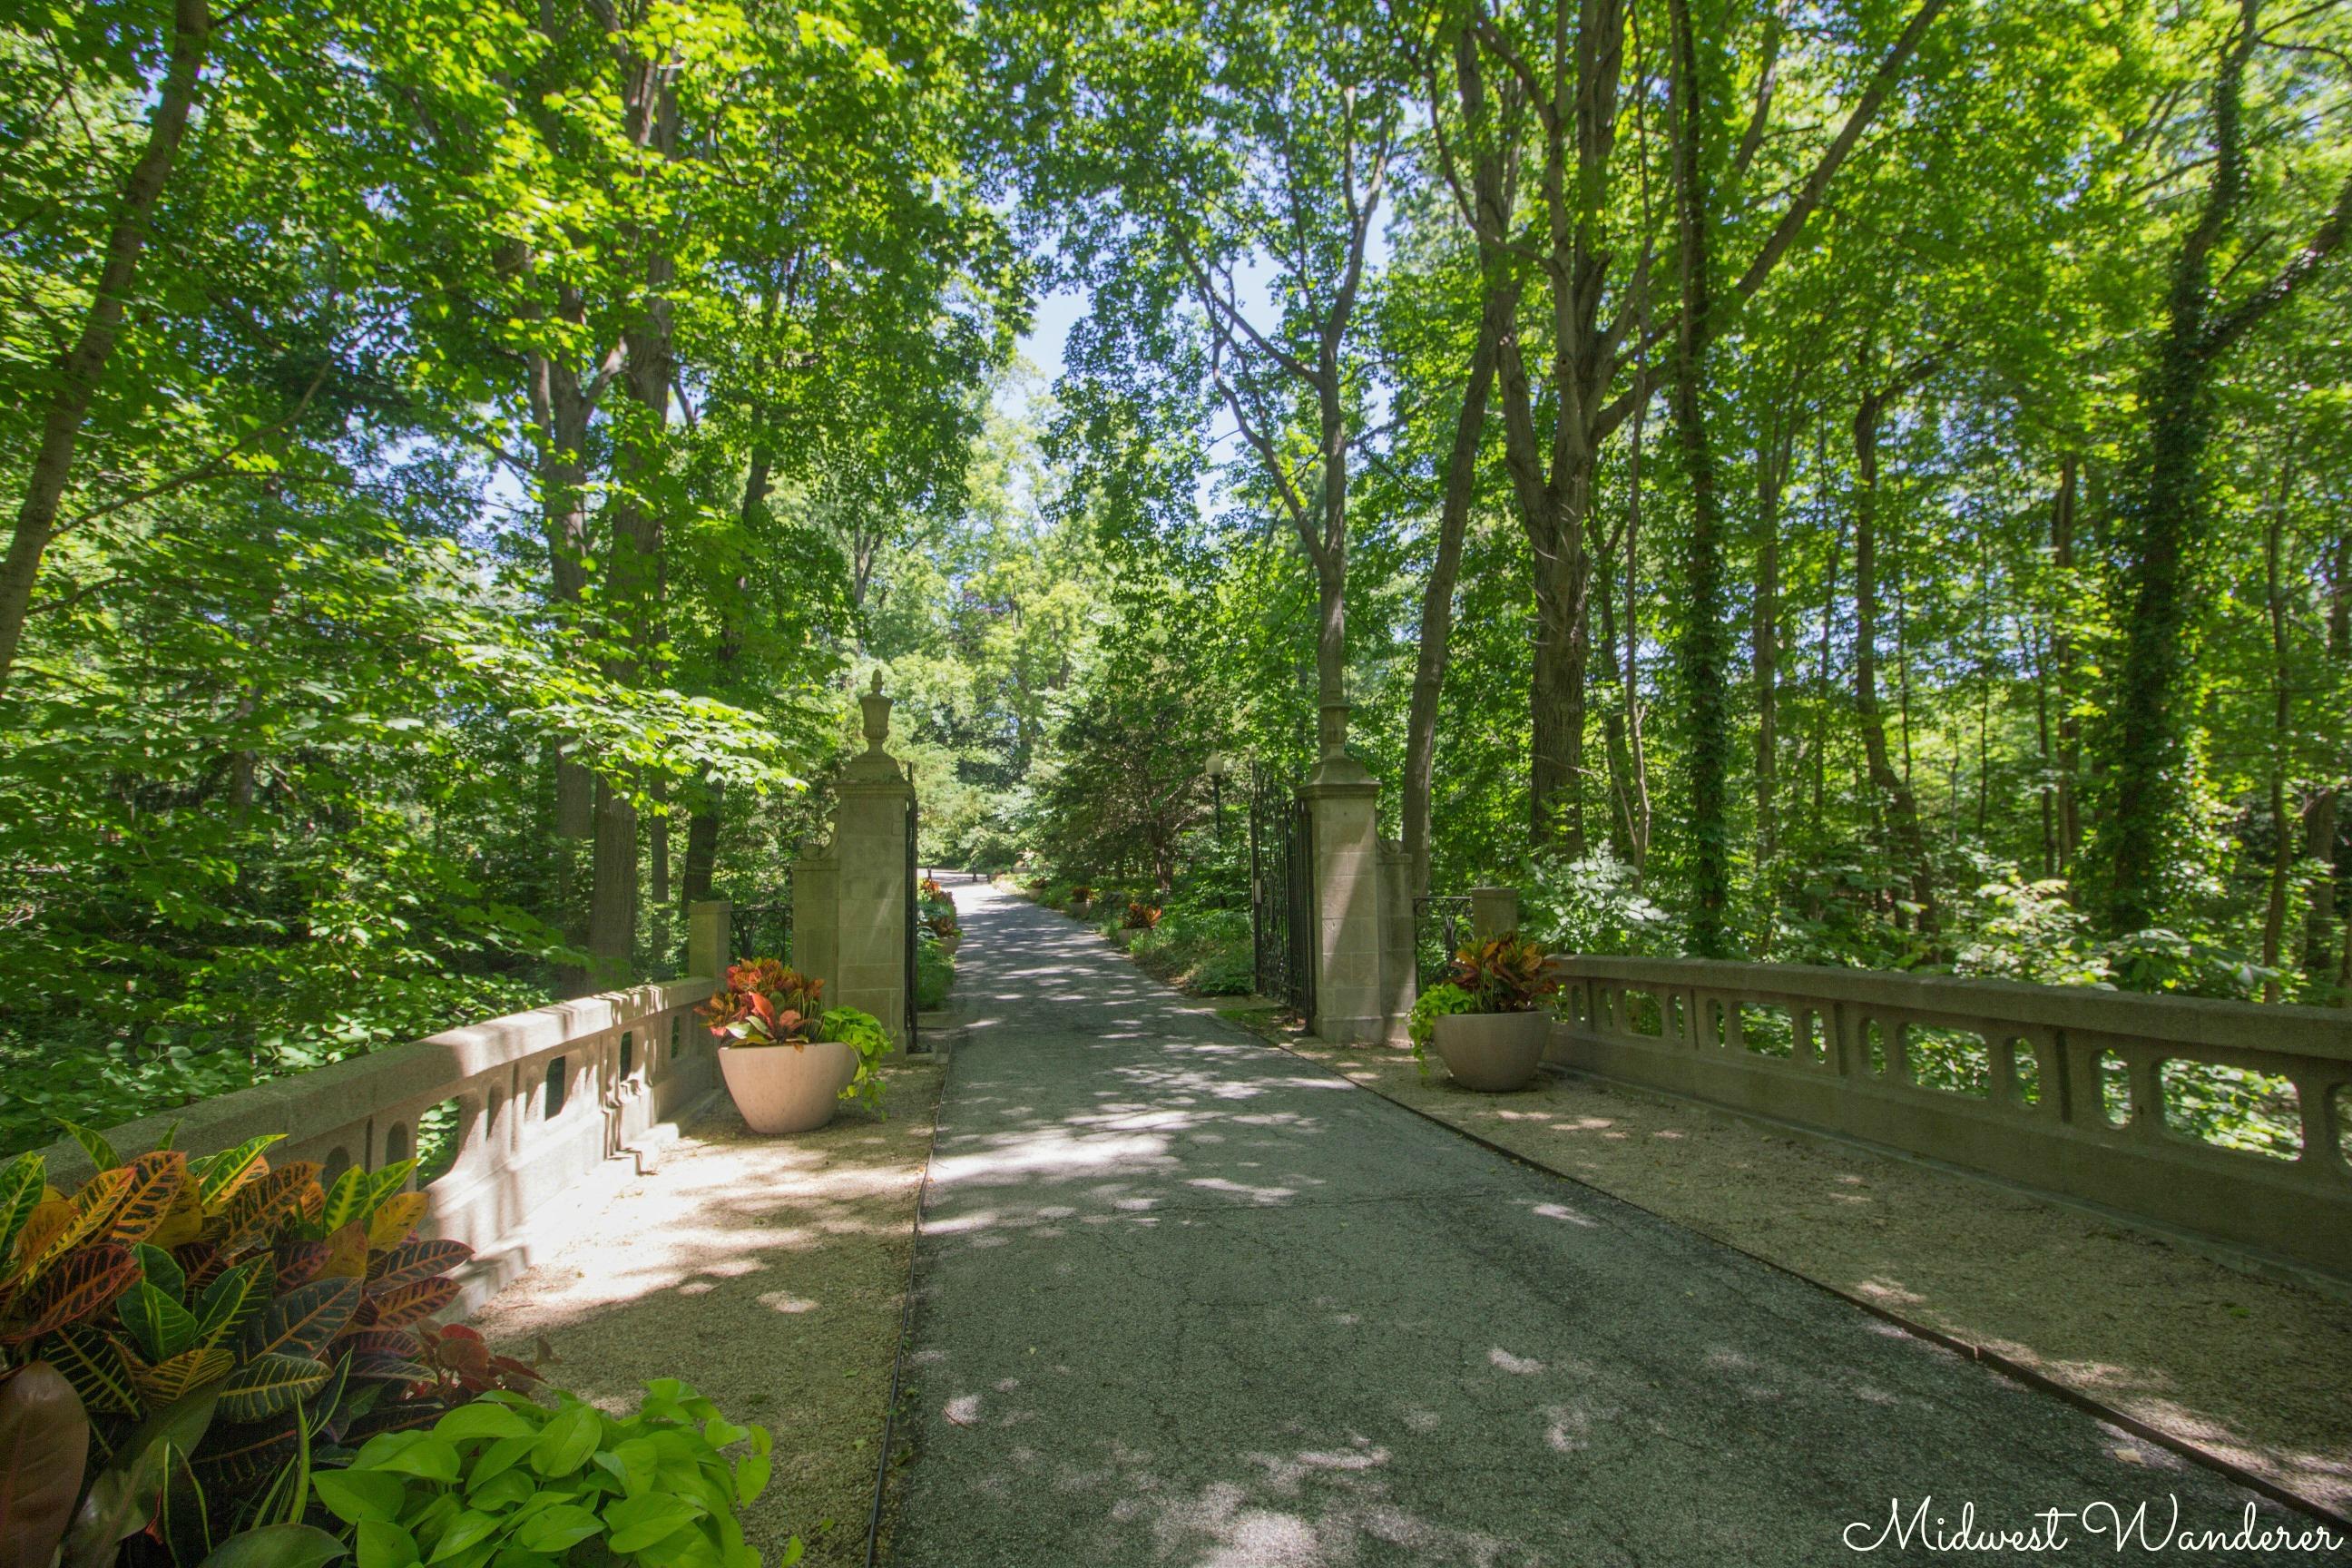 IMA - Path to mansion